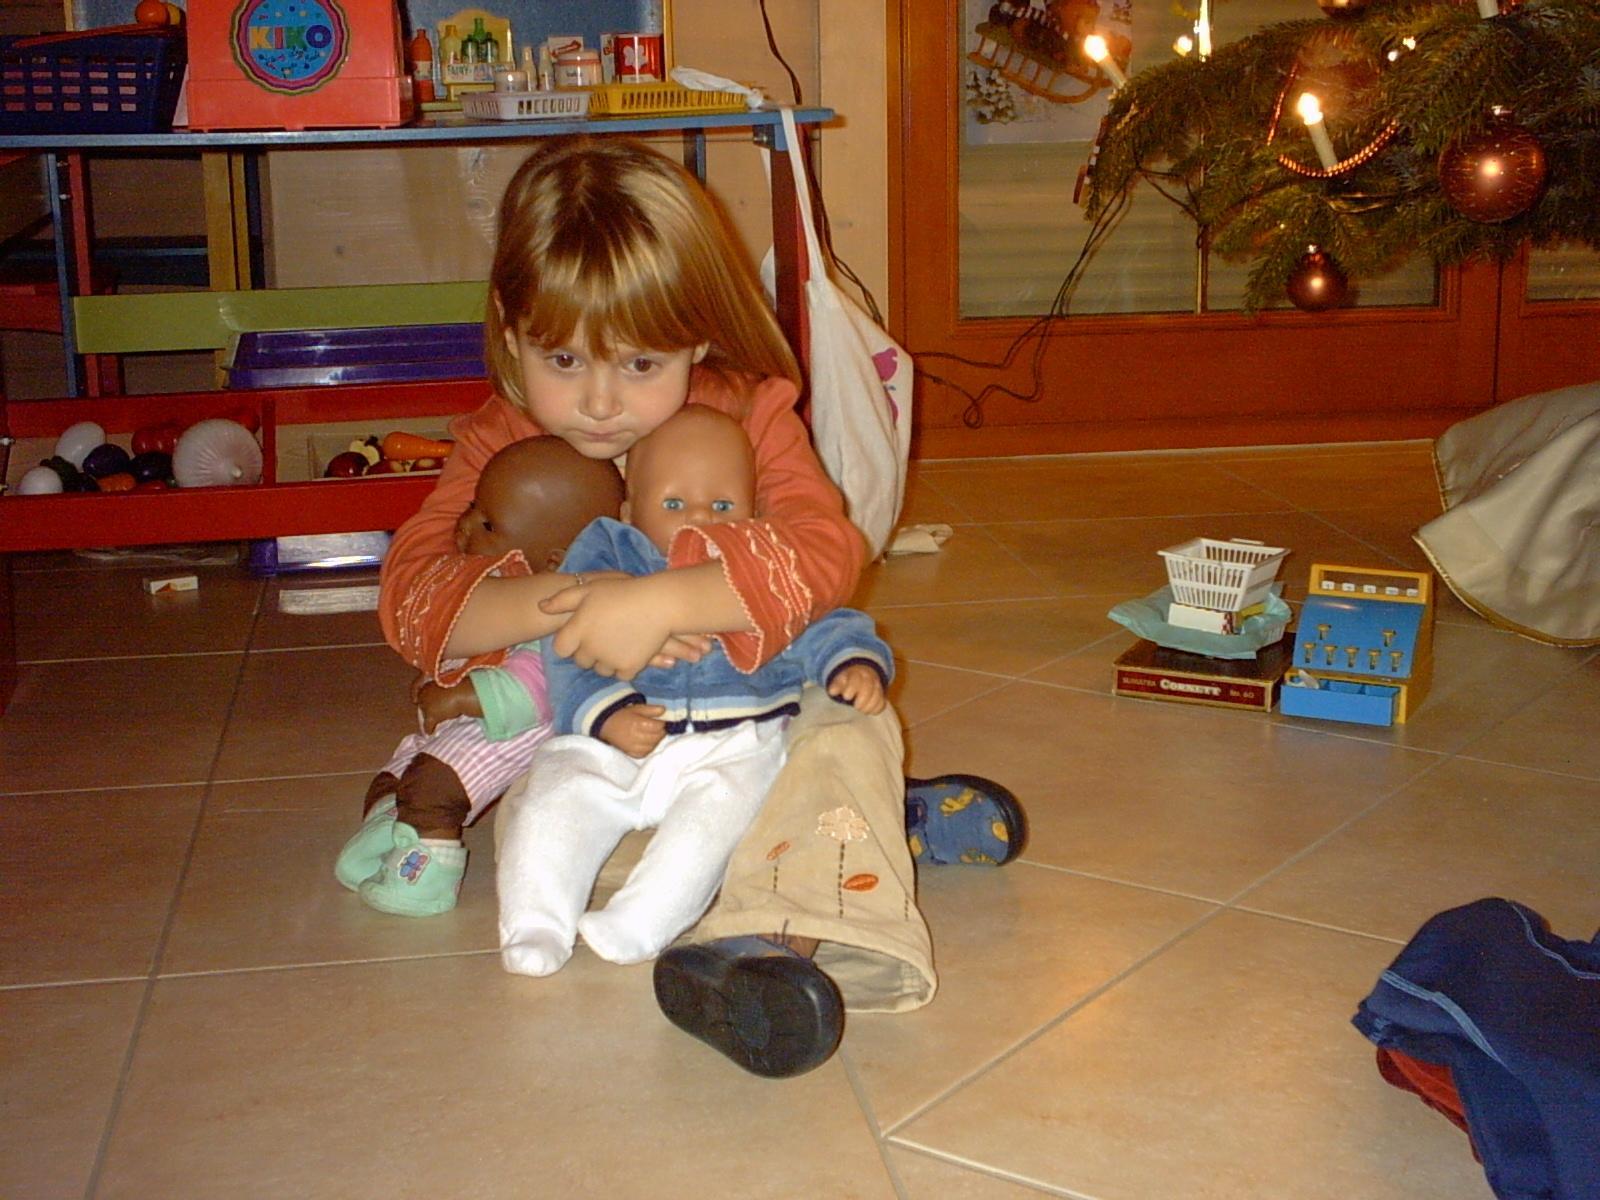 """Lara (hier 4 Jahre alt) scheint sich im glückseligen Zustand des """"Bei-sich-Seins"""" zu befinden. Gut, das Lara - mittlerweile ist sie 16 - nie auf die Idee kommen würde, auf Videospielgeschichten.de zu surfen. Das hoffe ich jedenfalls; sonst könnte es Ärger geben. Bild: Ferdinand Müller."""